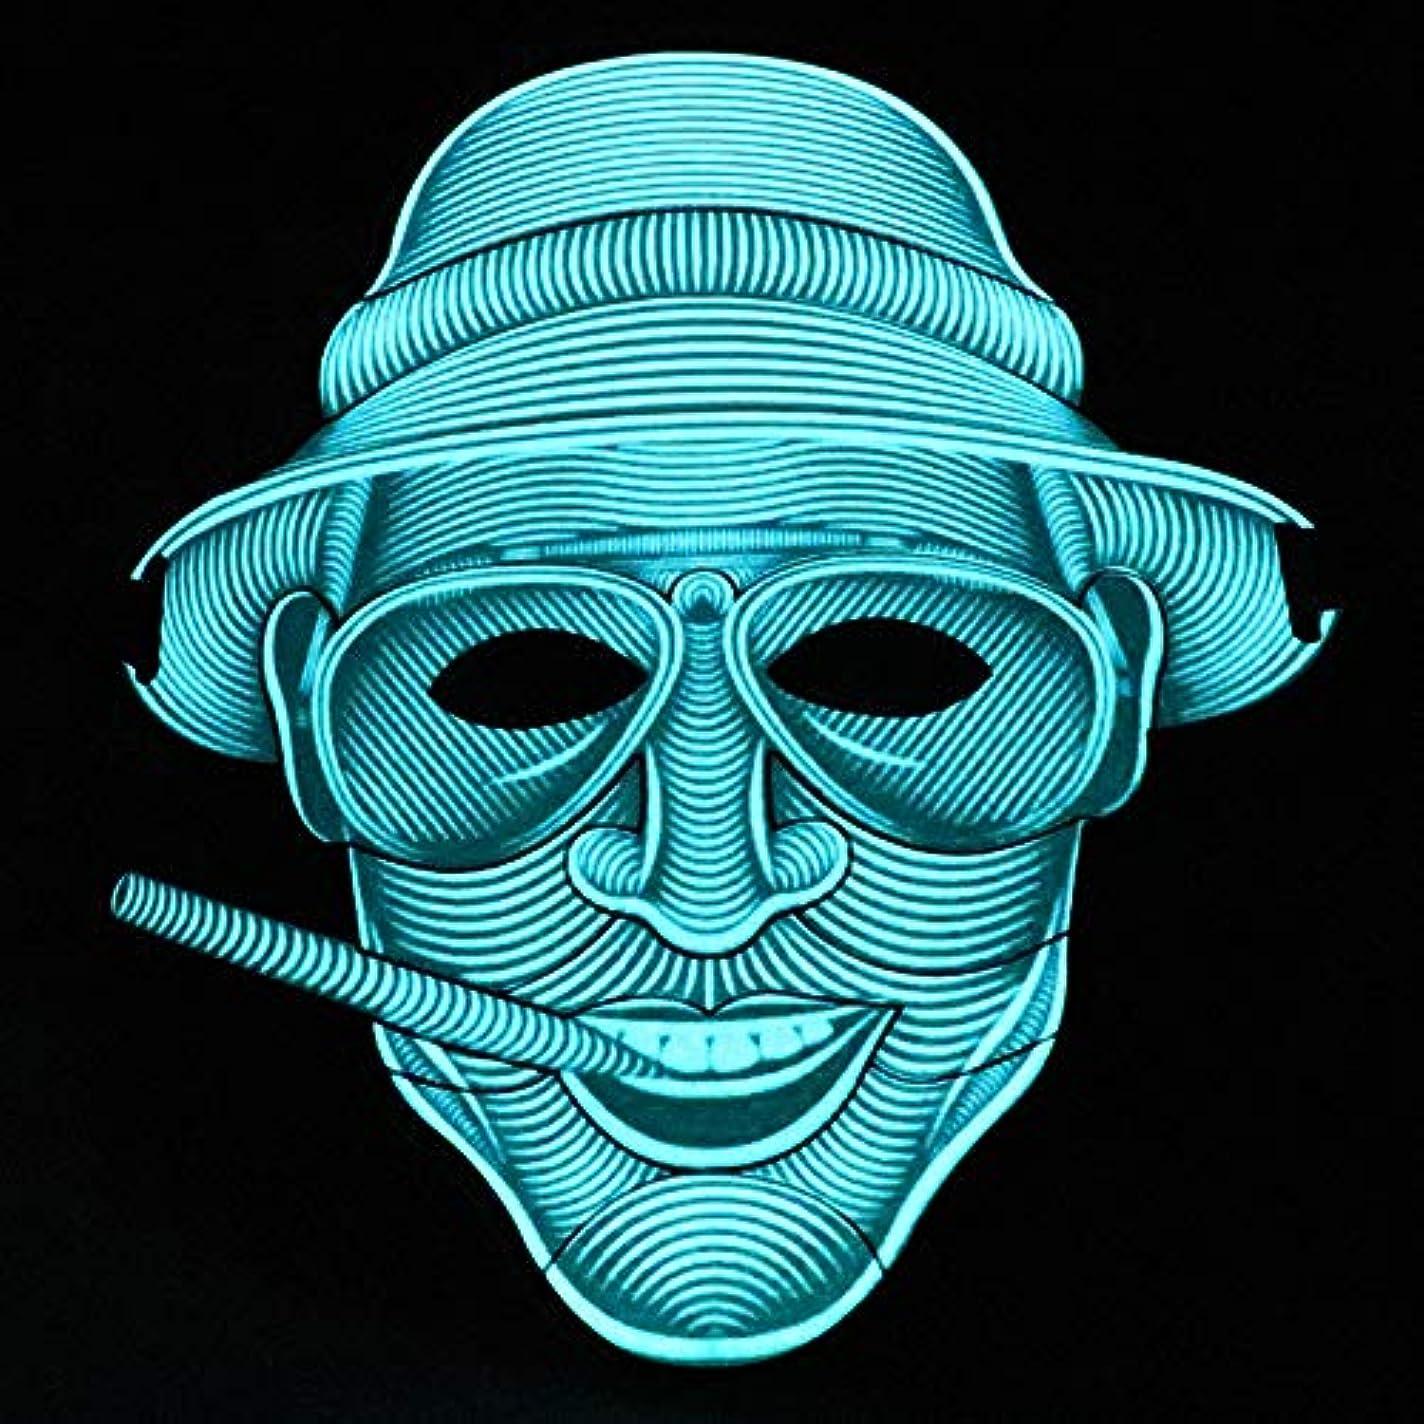 真面目なショット哀れな照らされたマスクLED創造的な冷光音響制御マスクハロウィンバーフェスティバルダンスマスク (Color : #1)